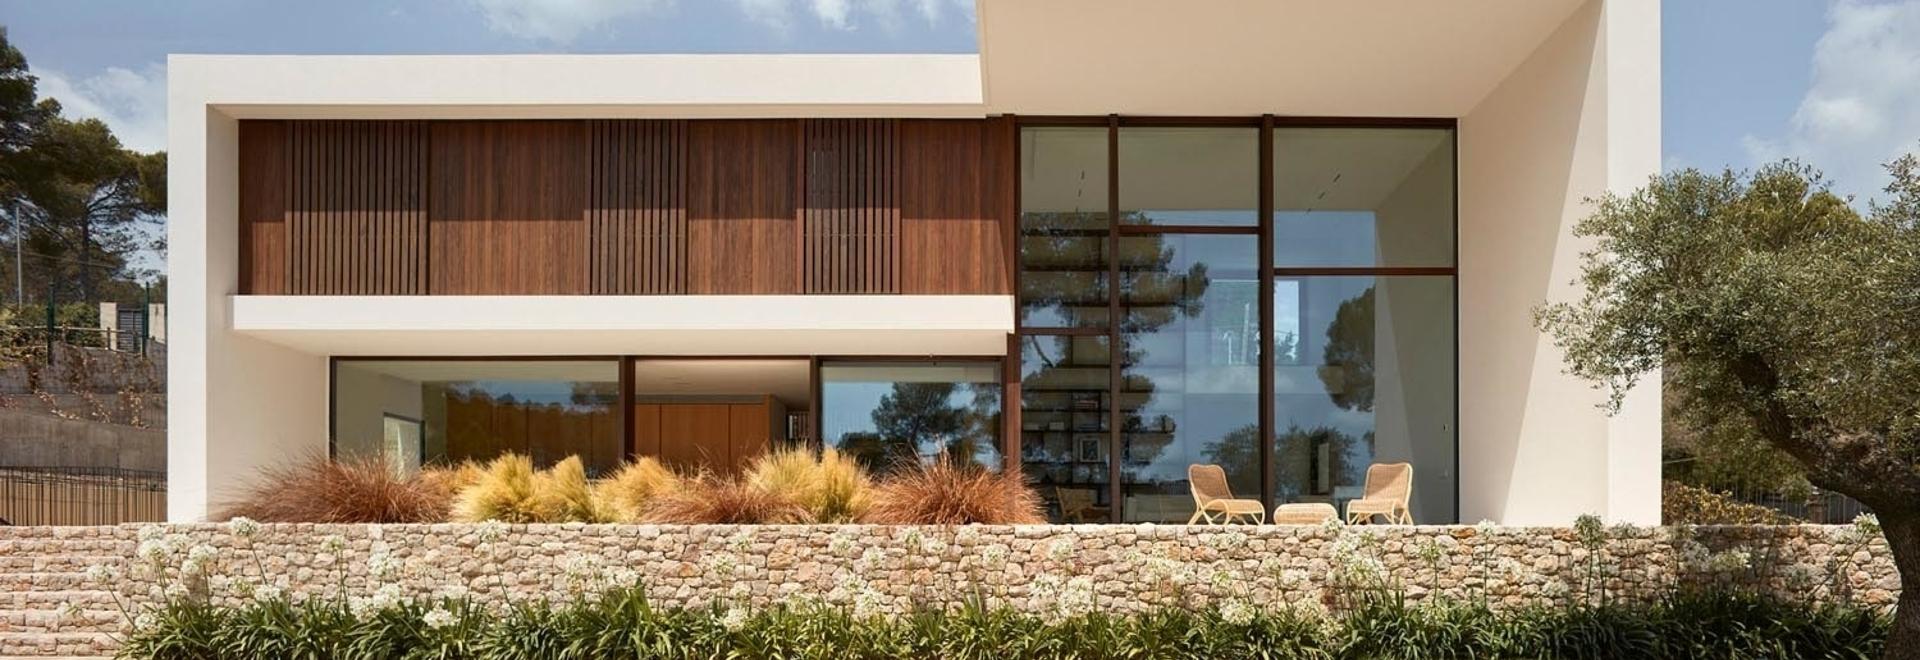 Los gruesos muros de hormigón dan a esta nueva casa una fuerte presencia